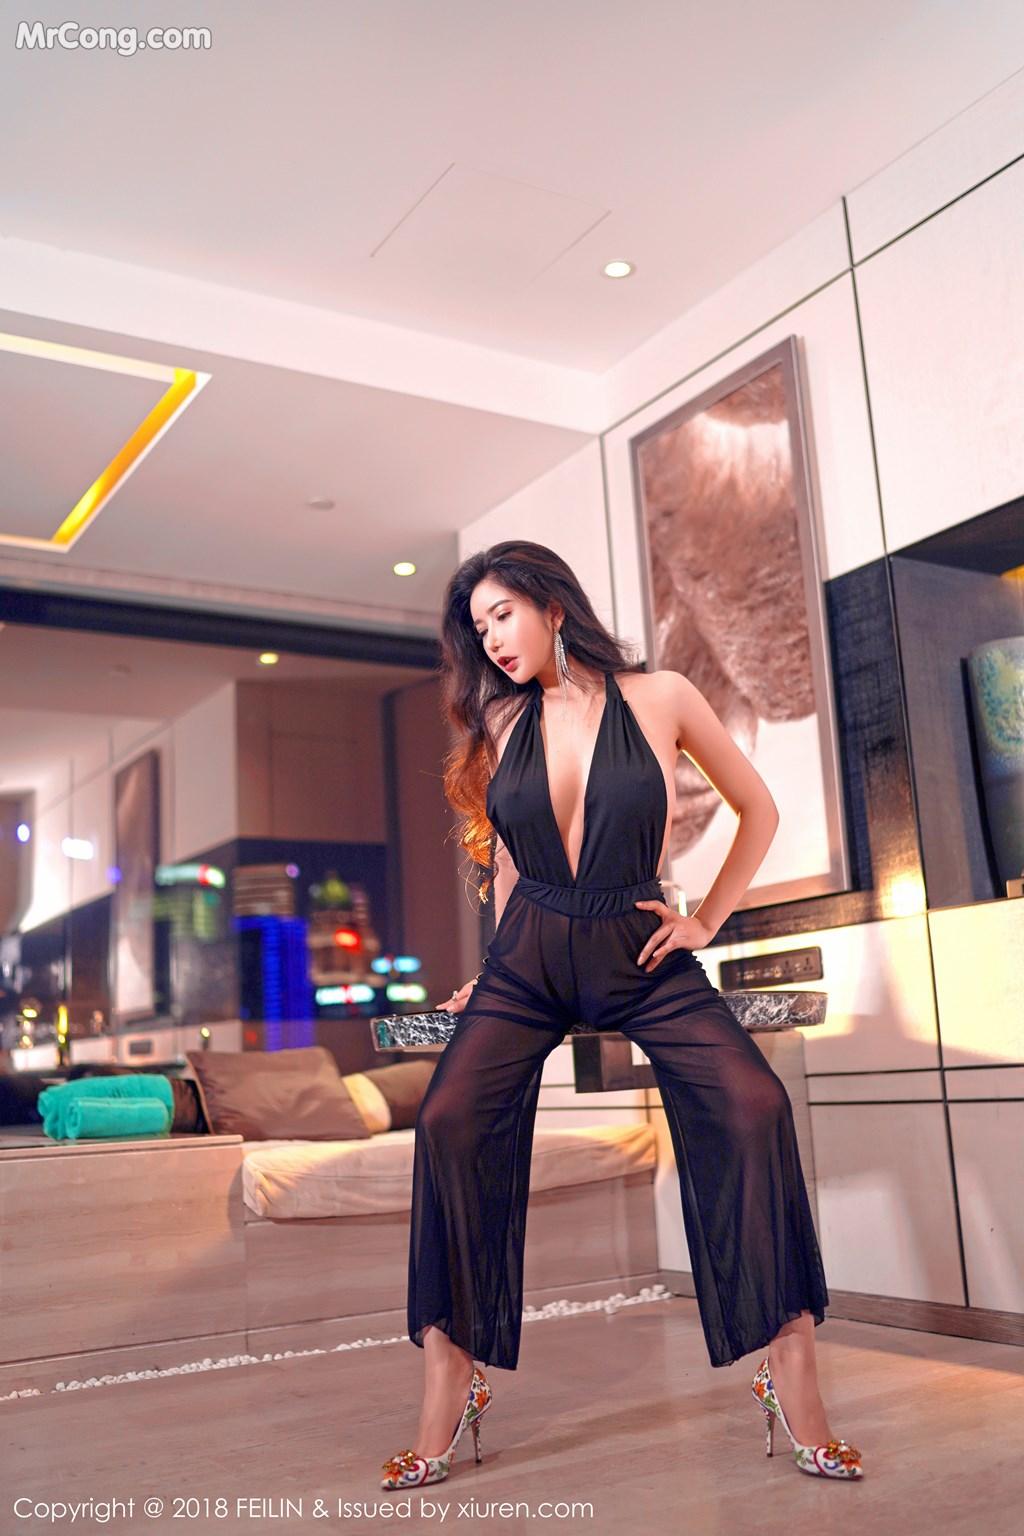 Image FEILIN-Vol.130-Xin-Yan-Gong-Zhu-MrCong.com-002 in post FEILIN Vol.130: Người mẫu Xin Yan Gong Zhu (心妍公主) (39 ảnh)